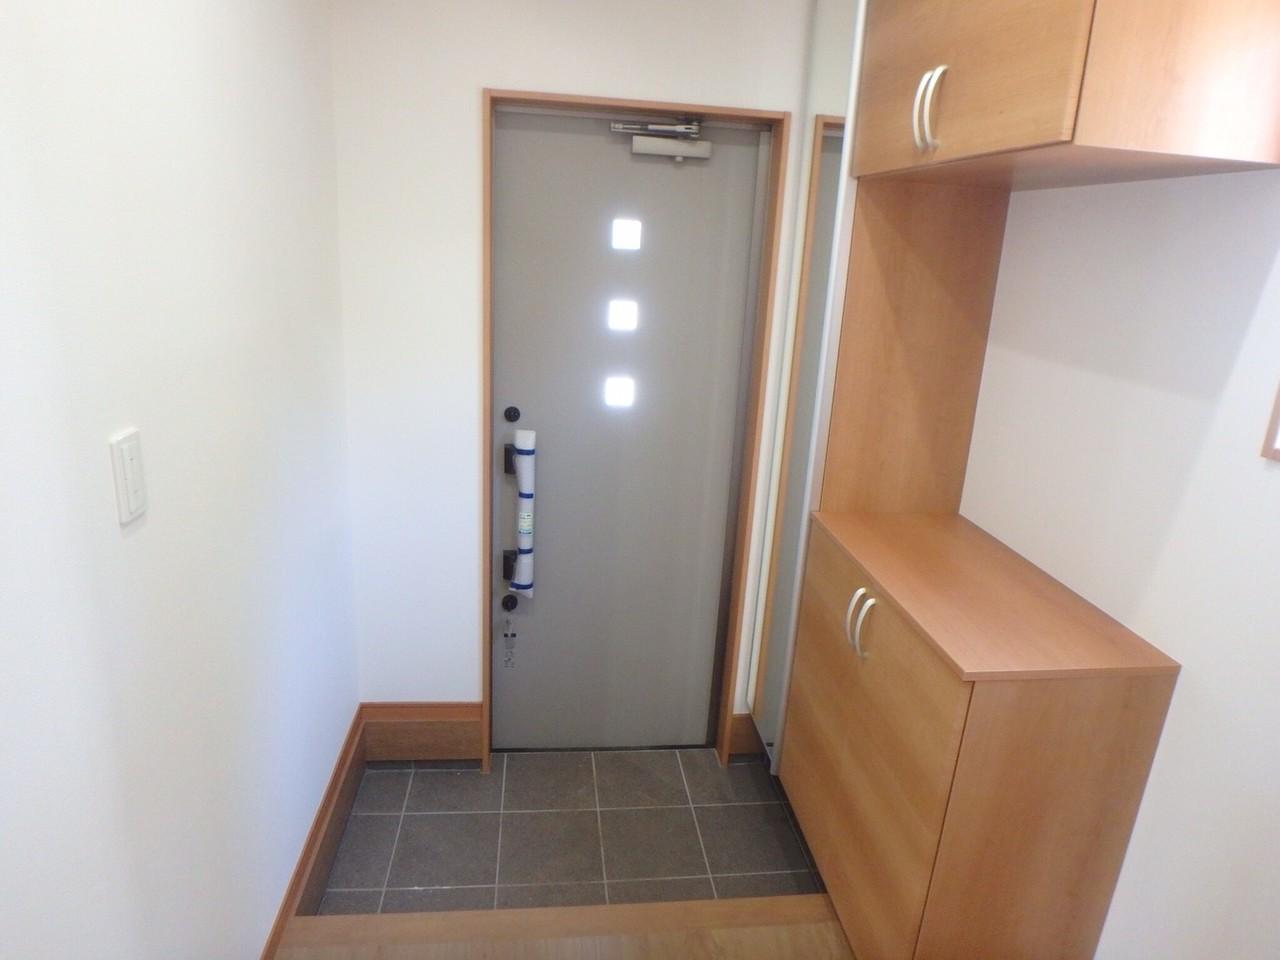 玄関収納は、天井まである大容量! 全身を写せる鏡もついているので、朝の身支度はバッチリ♪